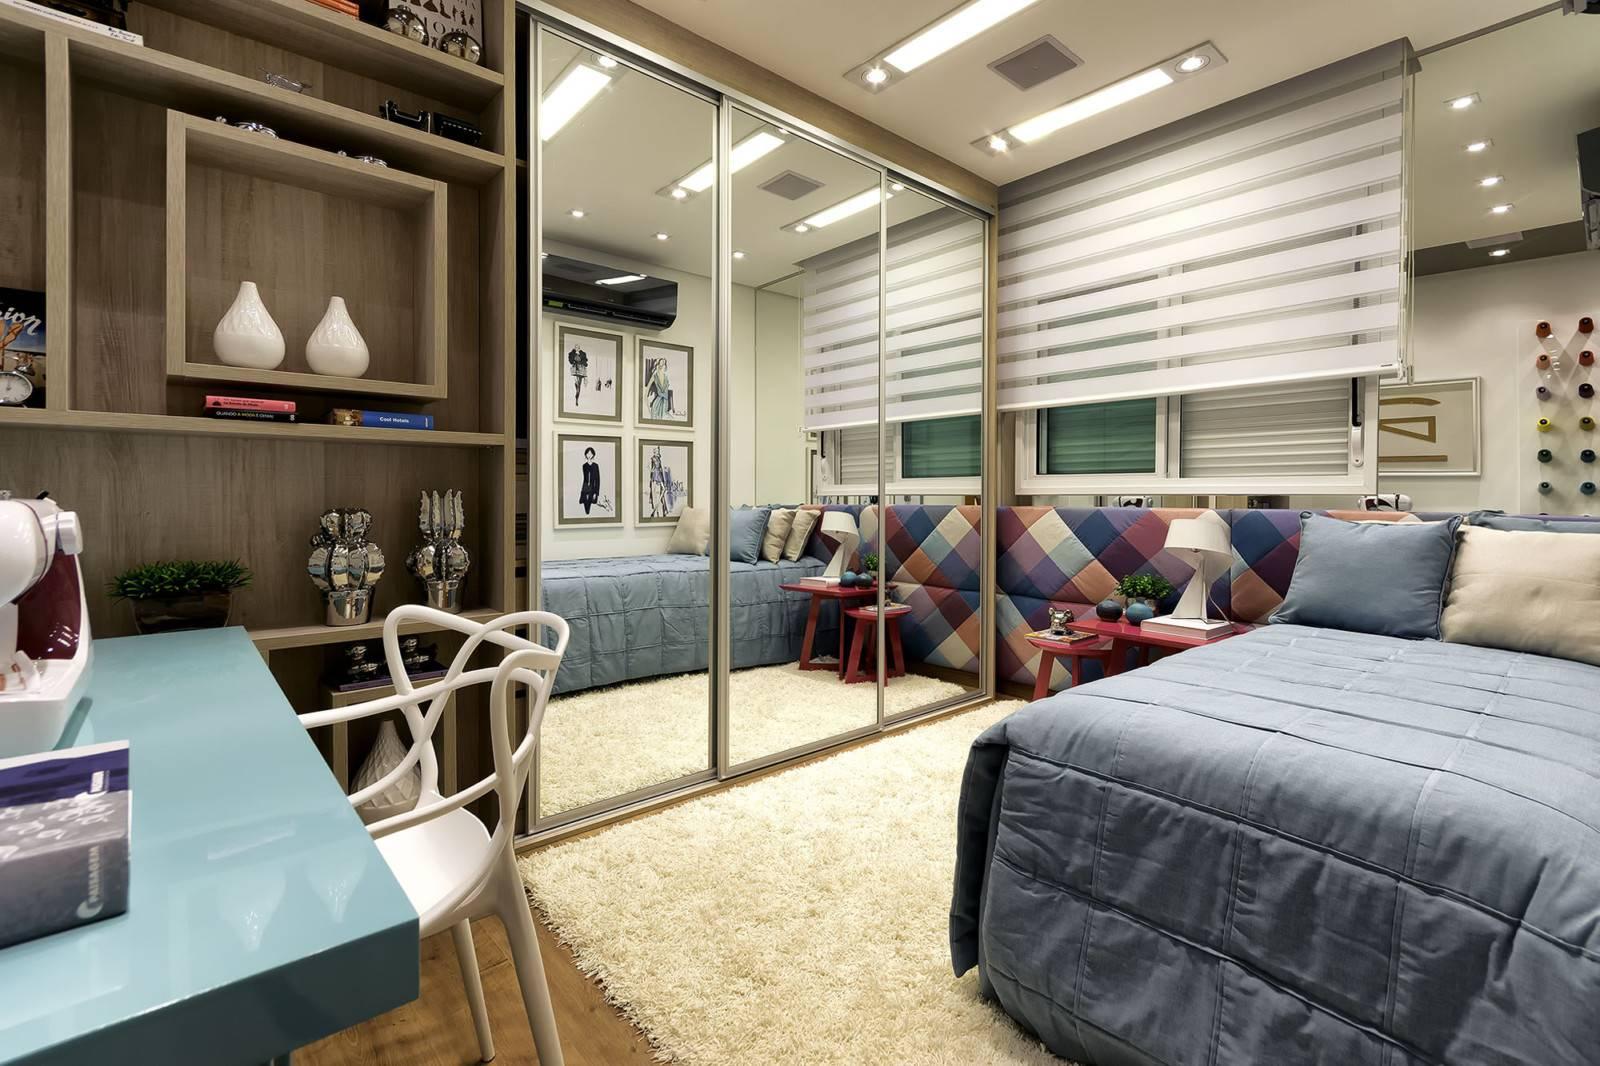 Дизайн ванной комнаты 3 кв. м (78 фото): проект маленькой комнаты 3 квадратных метра со стиральной машиной и без унитаза